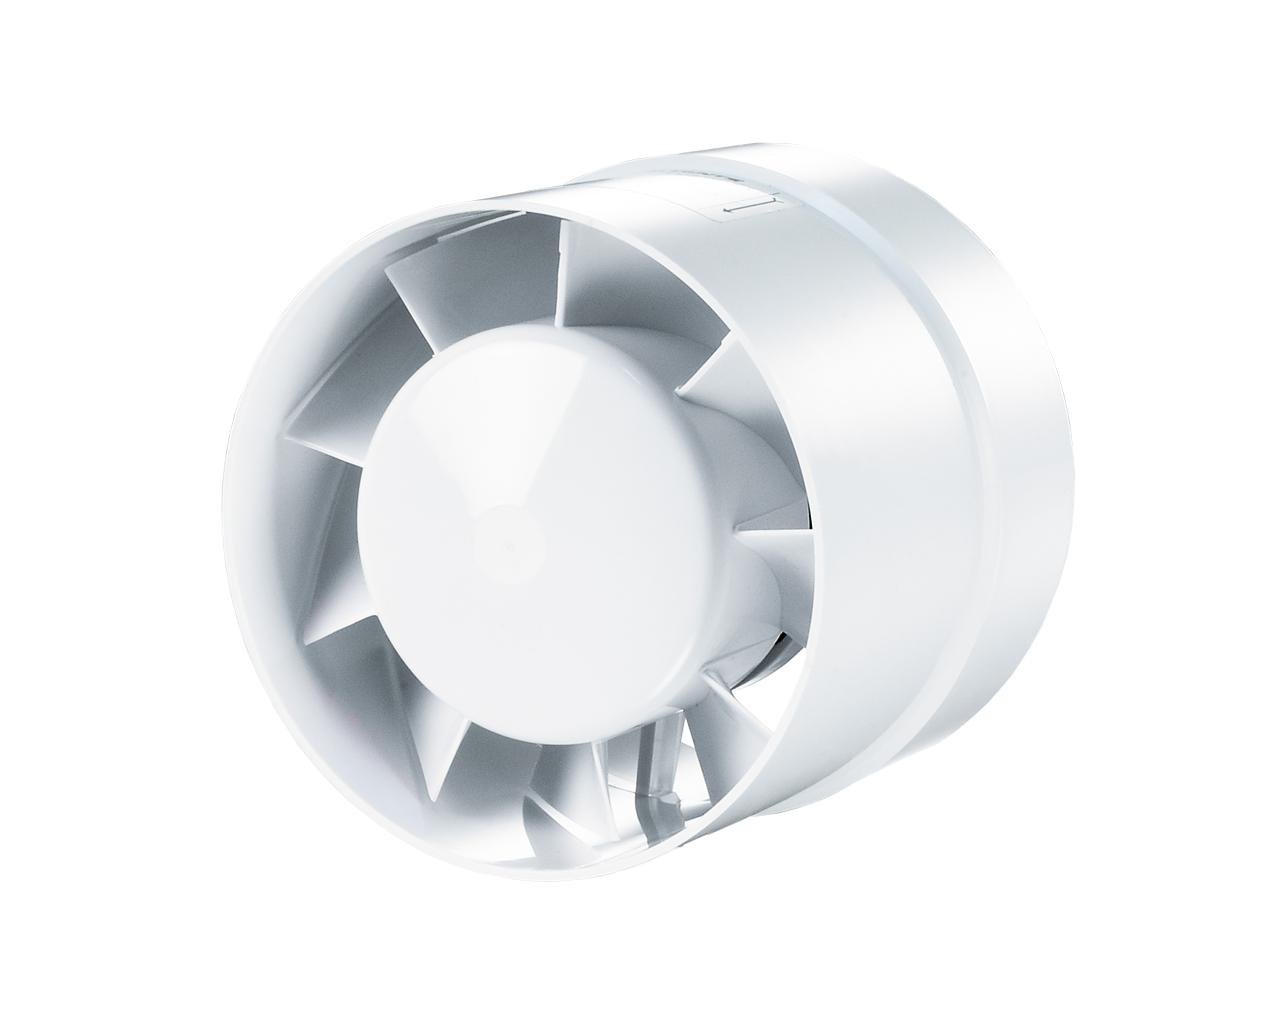 Ventilátor VKO 125, 185m3/h, D=120, D1=129 mm